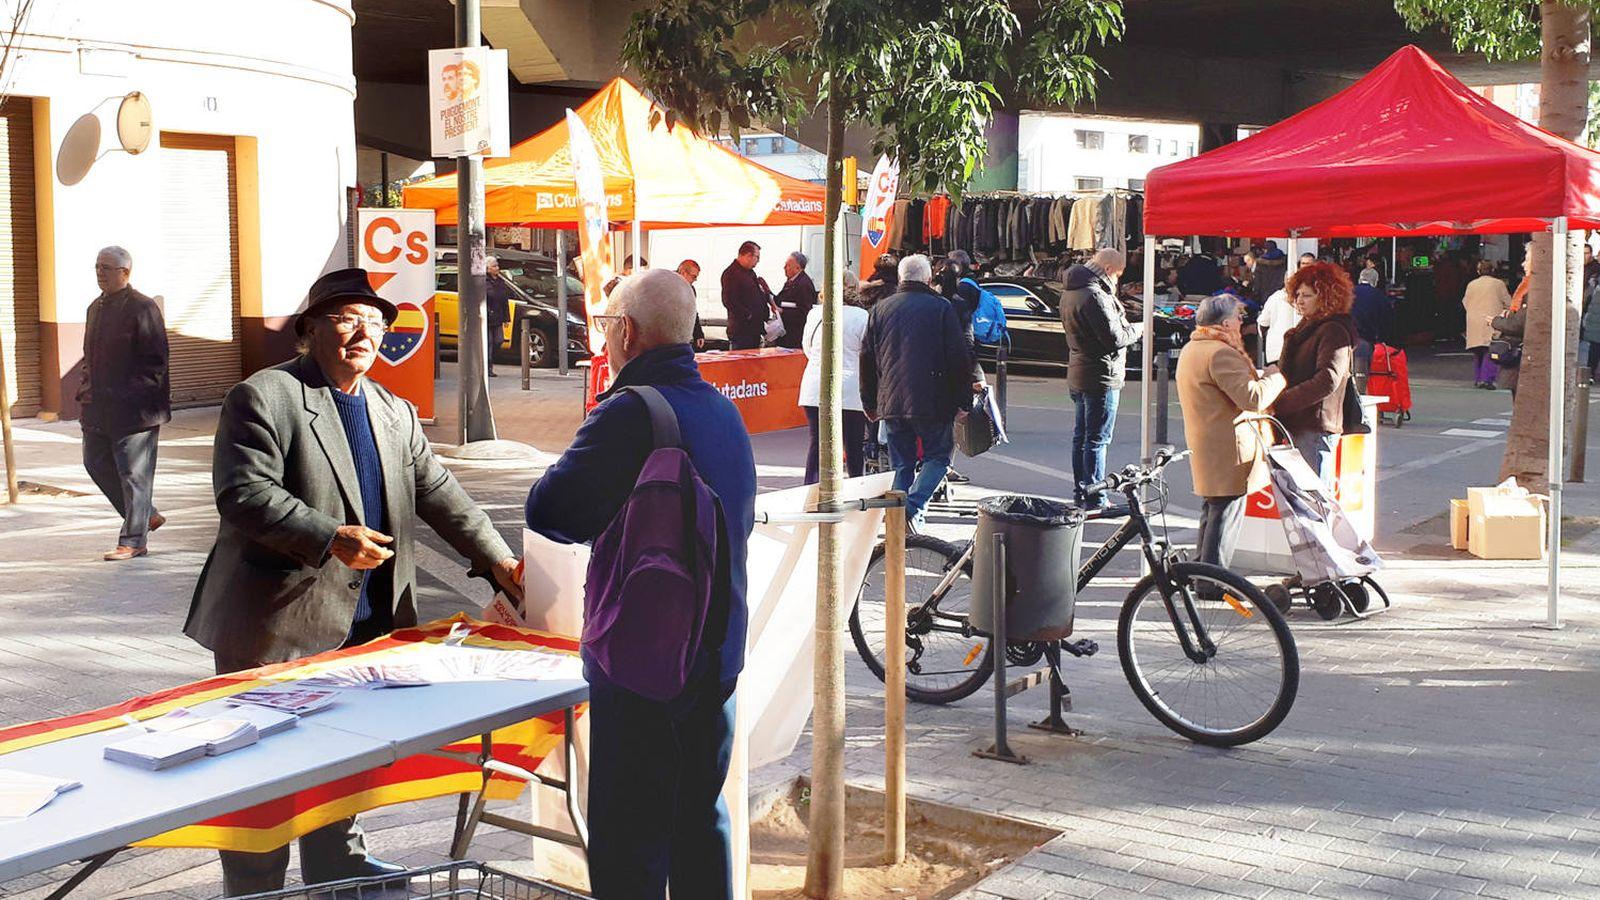 Foto: Puestos de los comunes, PSC y Ciudadanos buscando el voto en Sant Adrià el último día de campaña. (R. M.)